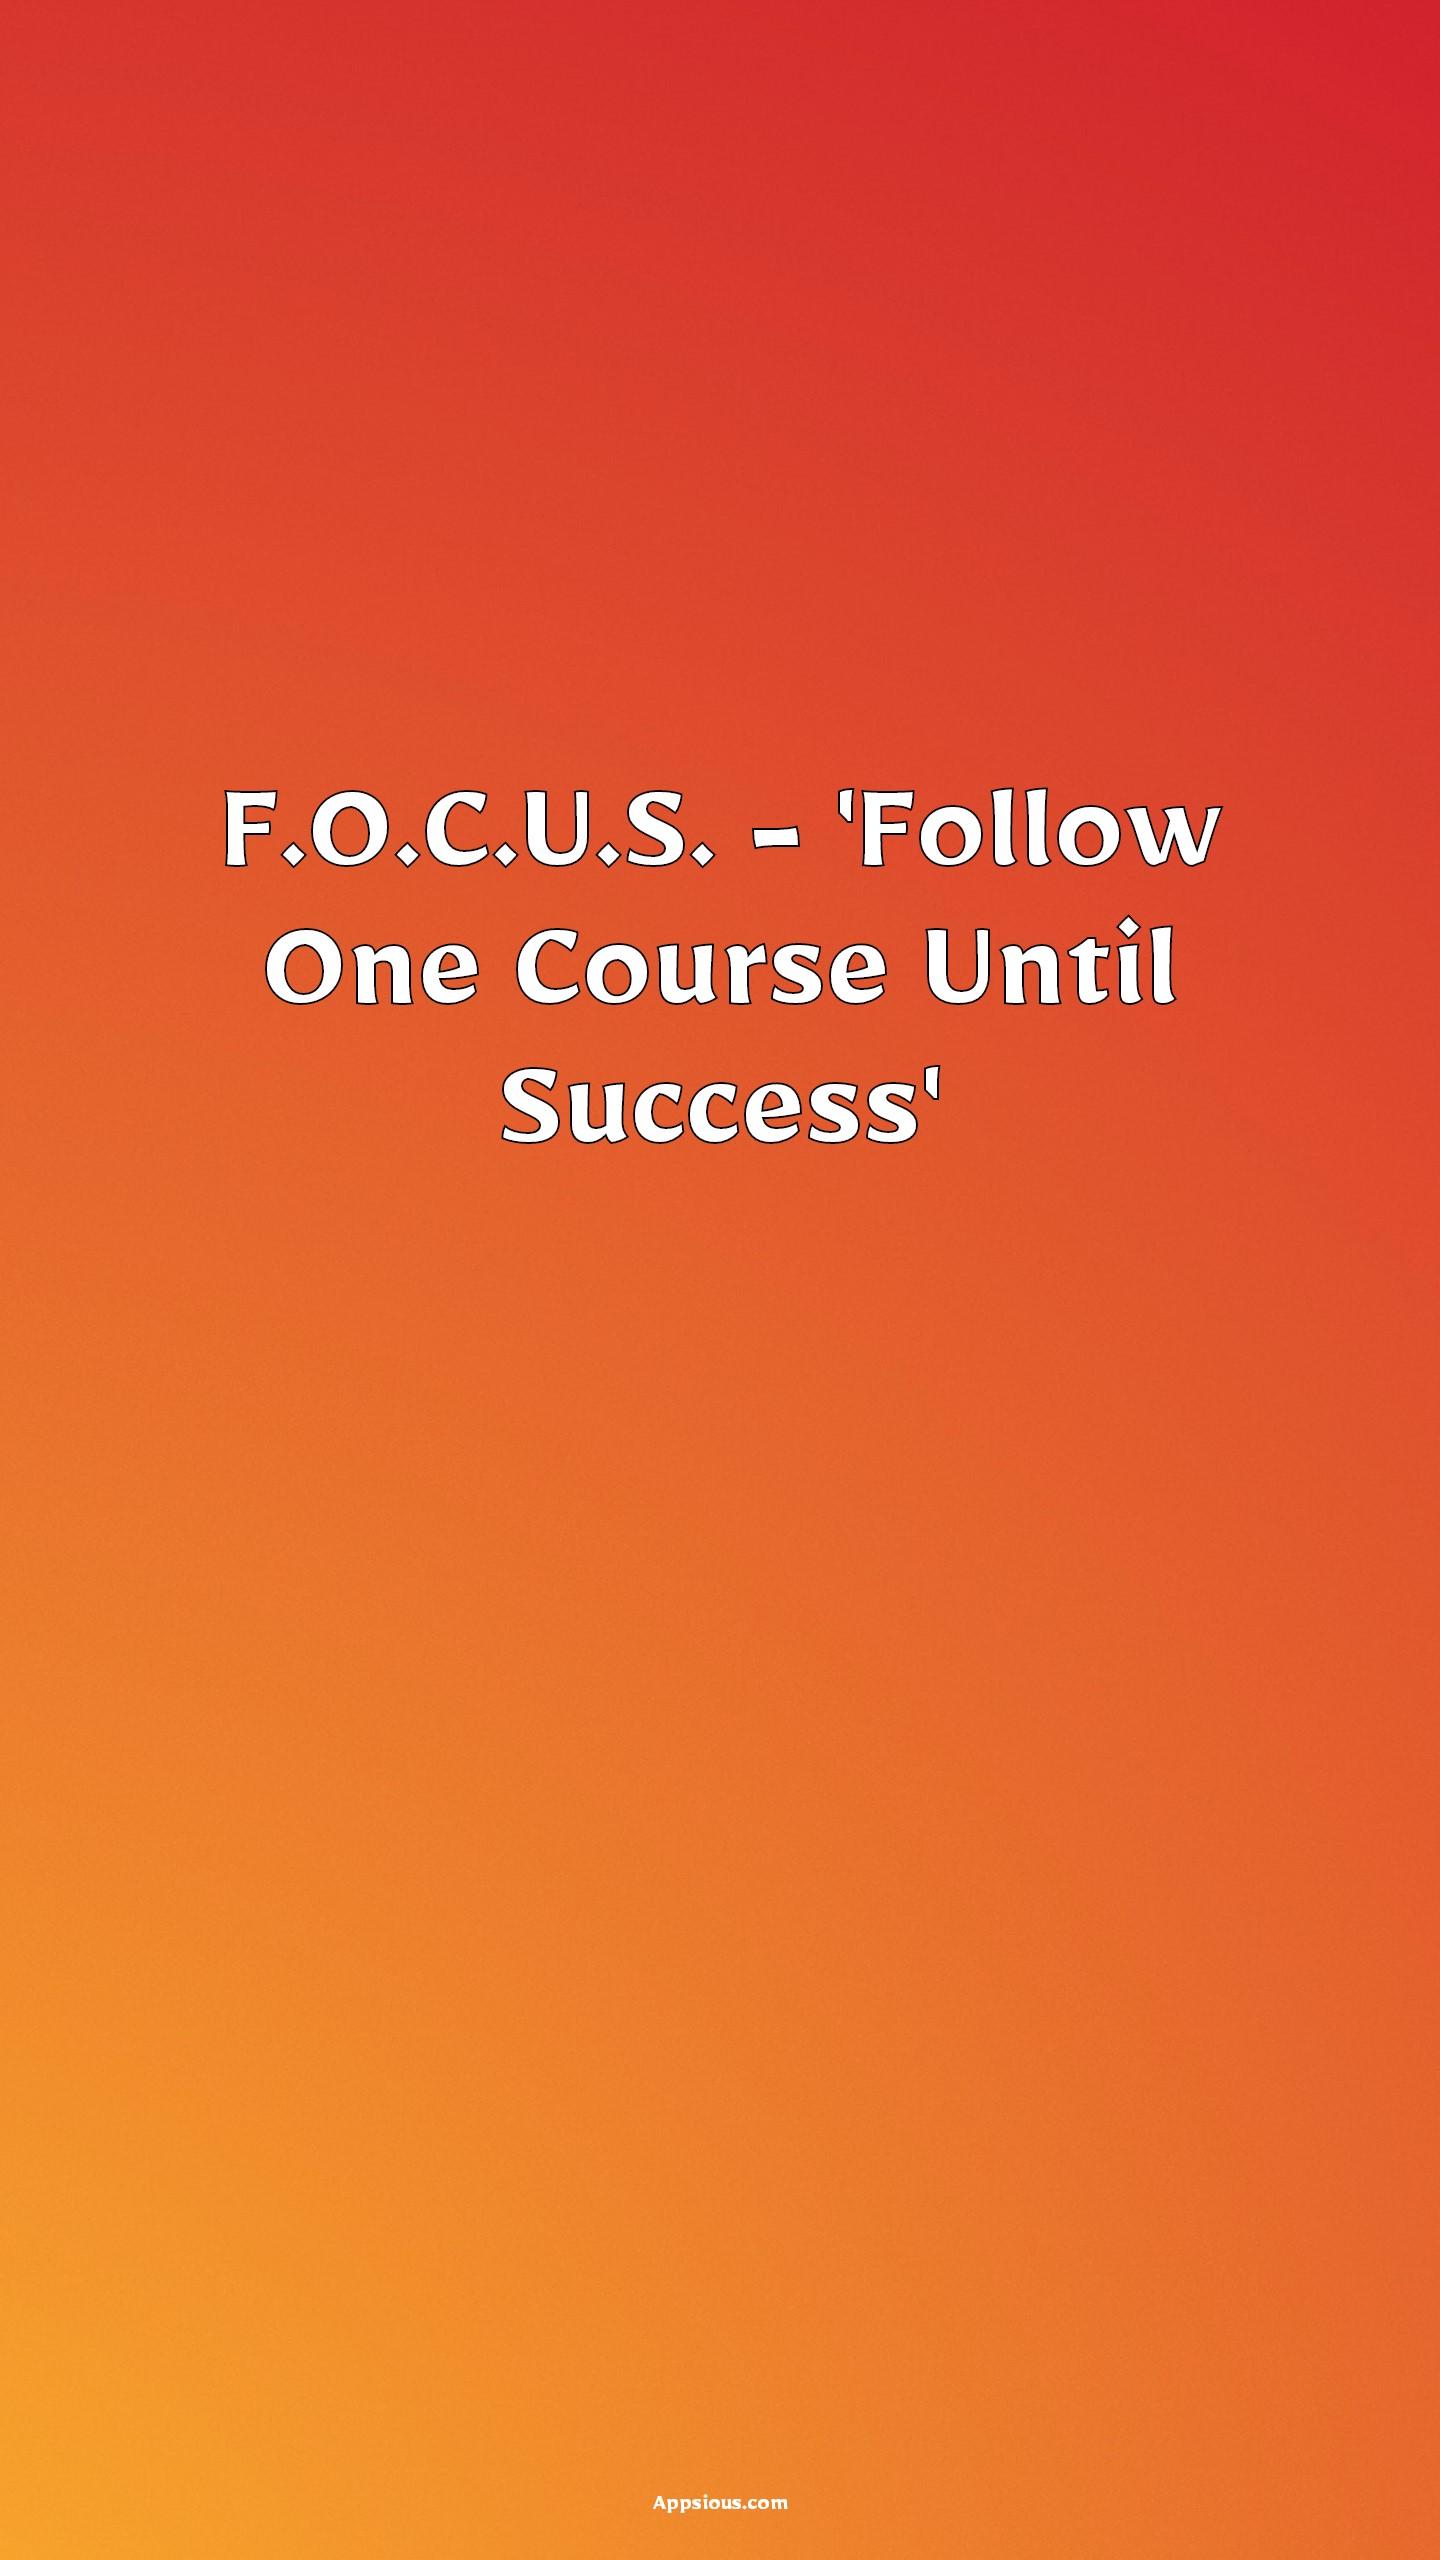 F.O.C.U.S. - 'Follow One Course Until Success'